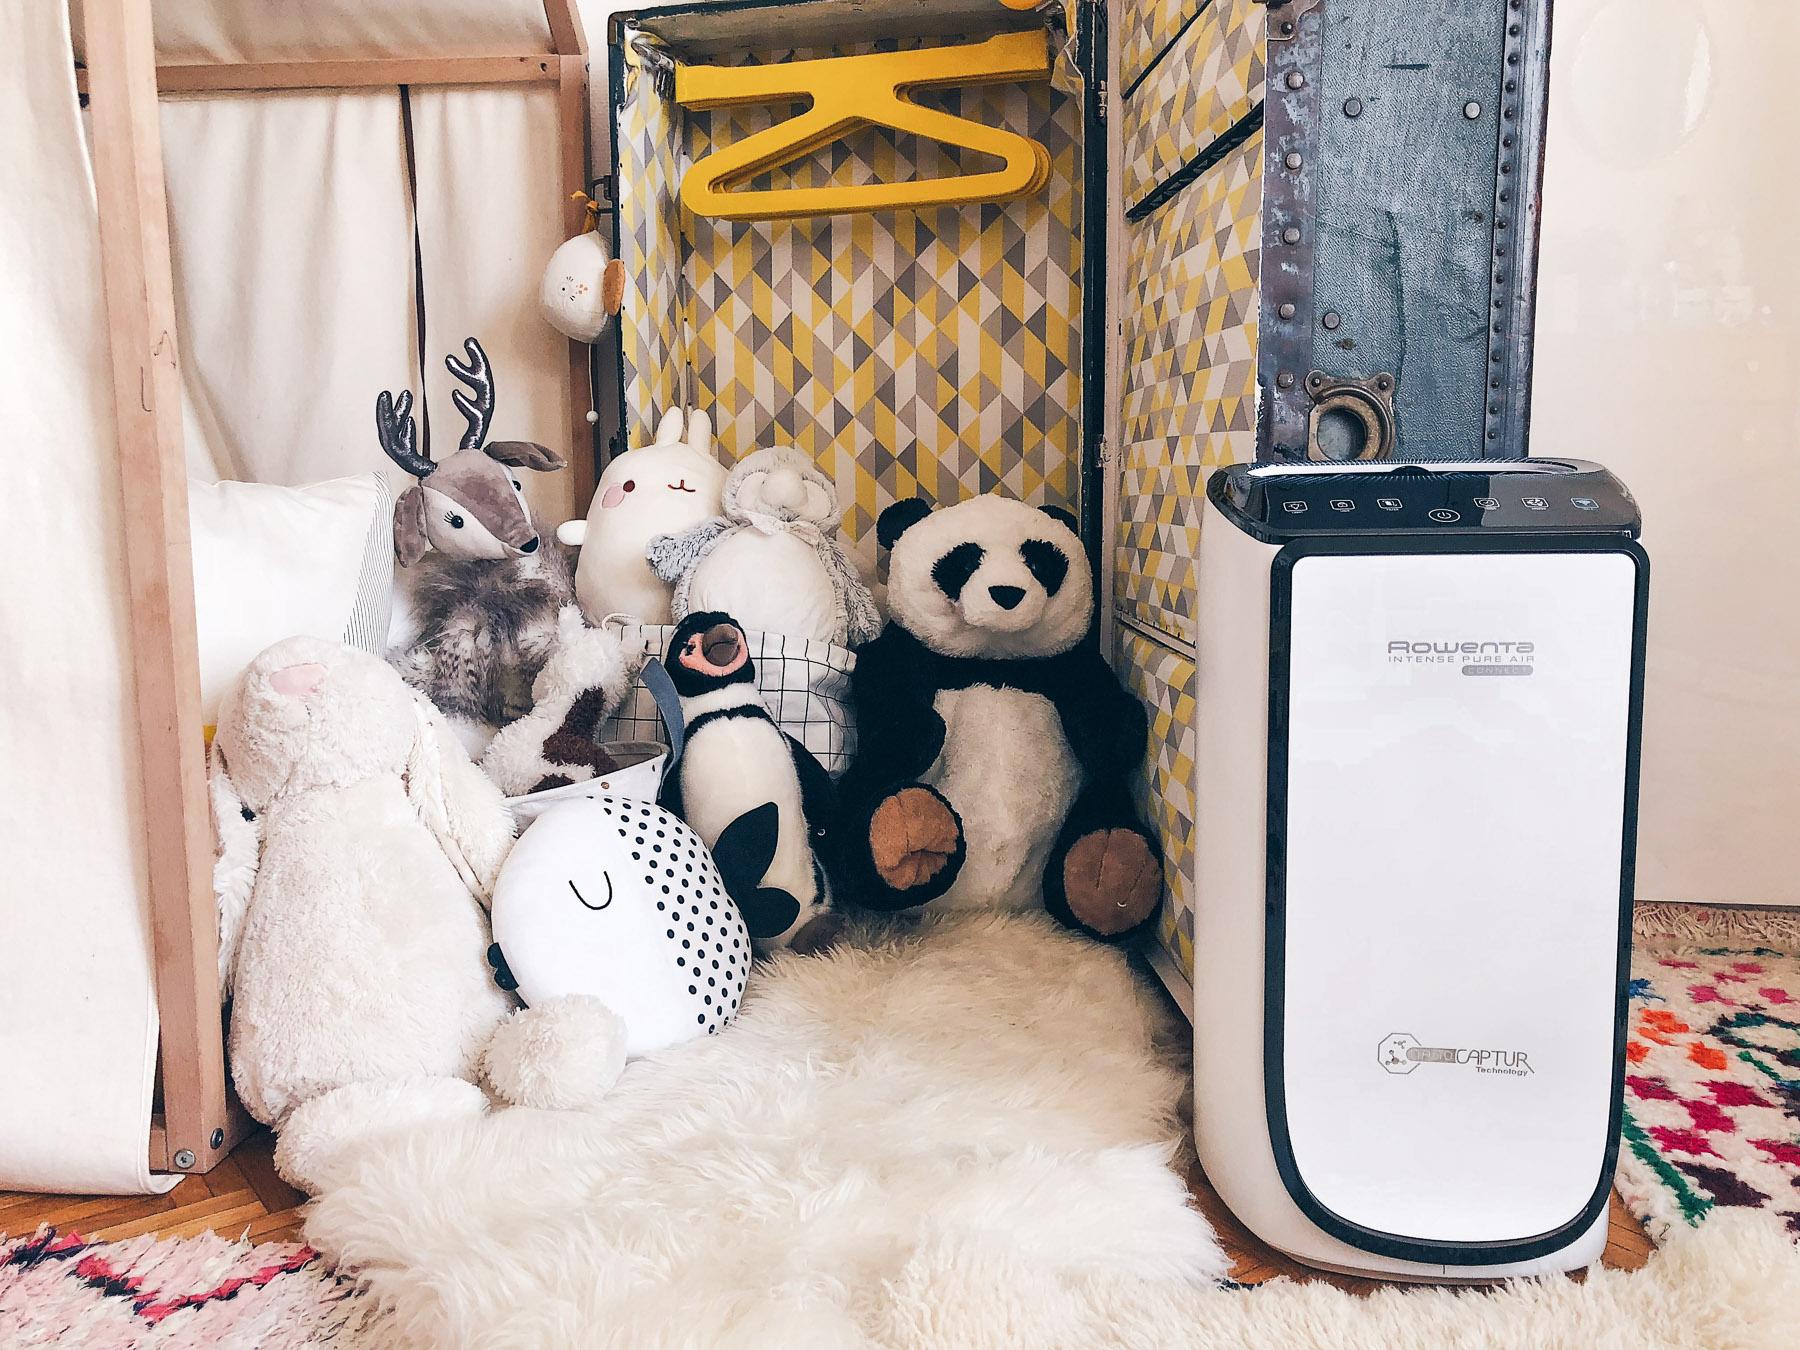 Purificateur d'air Pure air connect Rowenta anti allergies l La Fiancee du Panda blog mariage et lifestyle-2-8